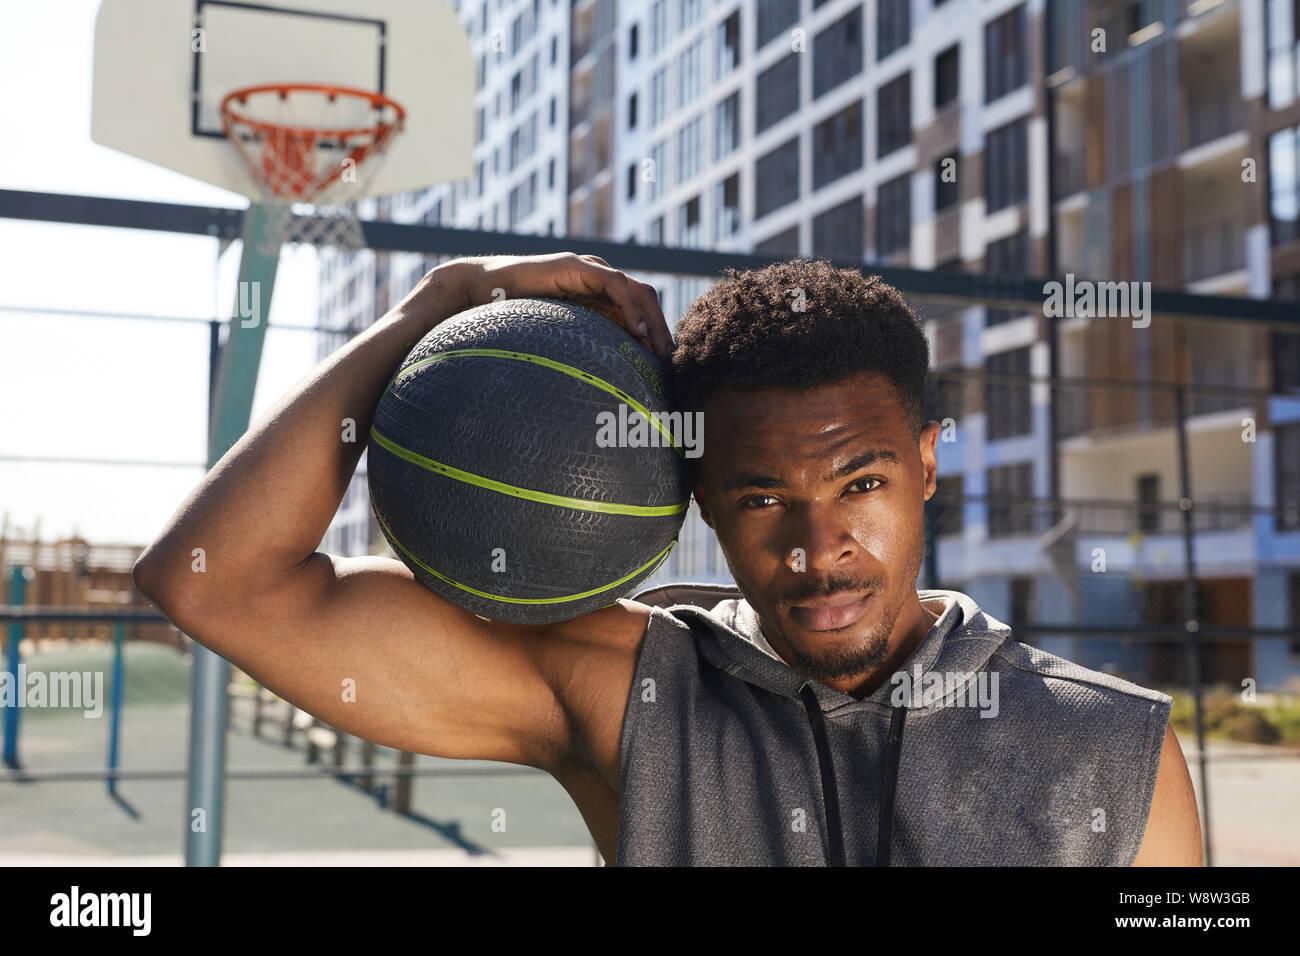 Retrato de apuesto hombre afroamericano la celebración de pelota de baloncesto mirando a la cámara mientras posan en la cancha de deportes al aire libre, espacio de copia Foto de stock